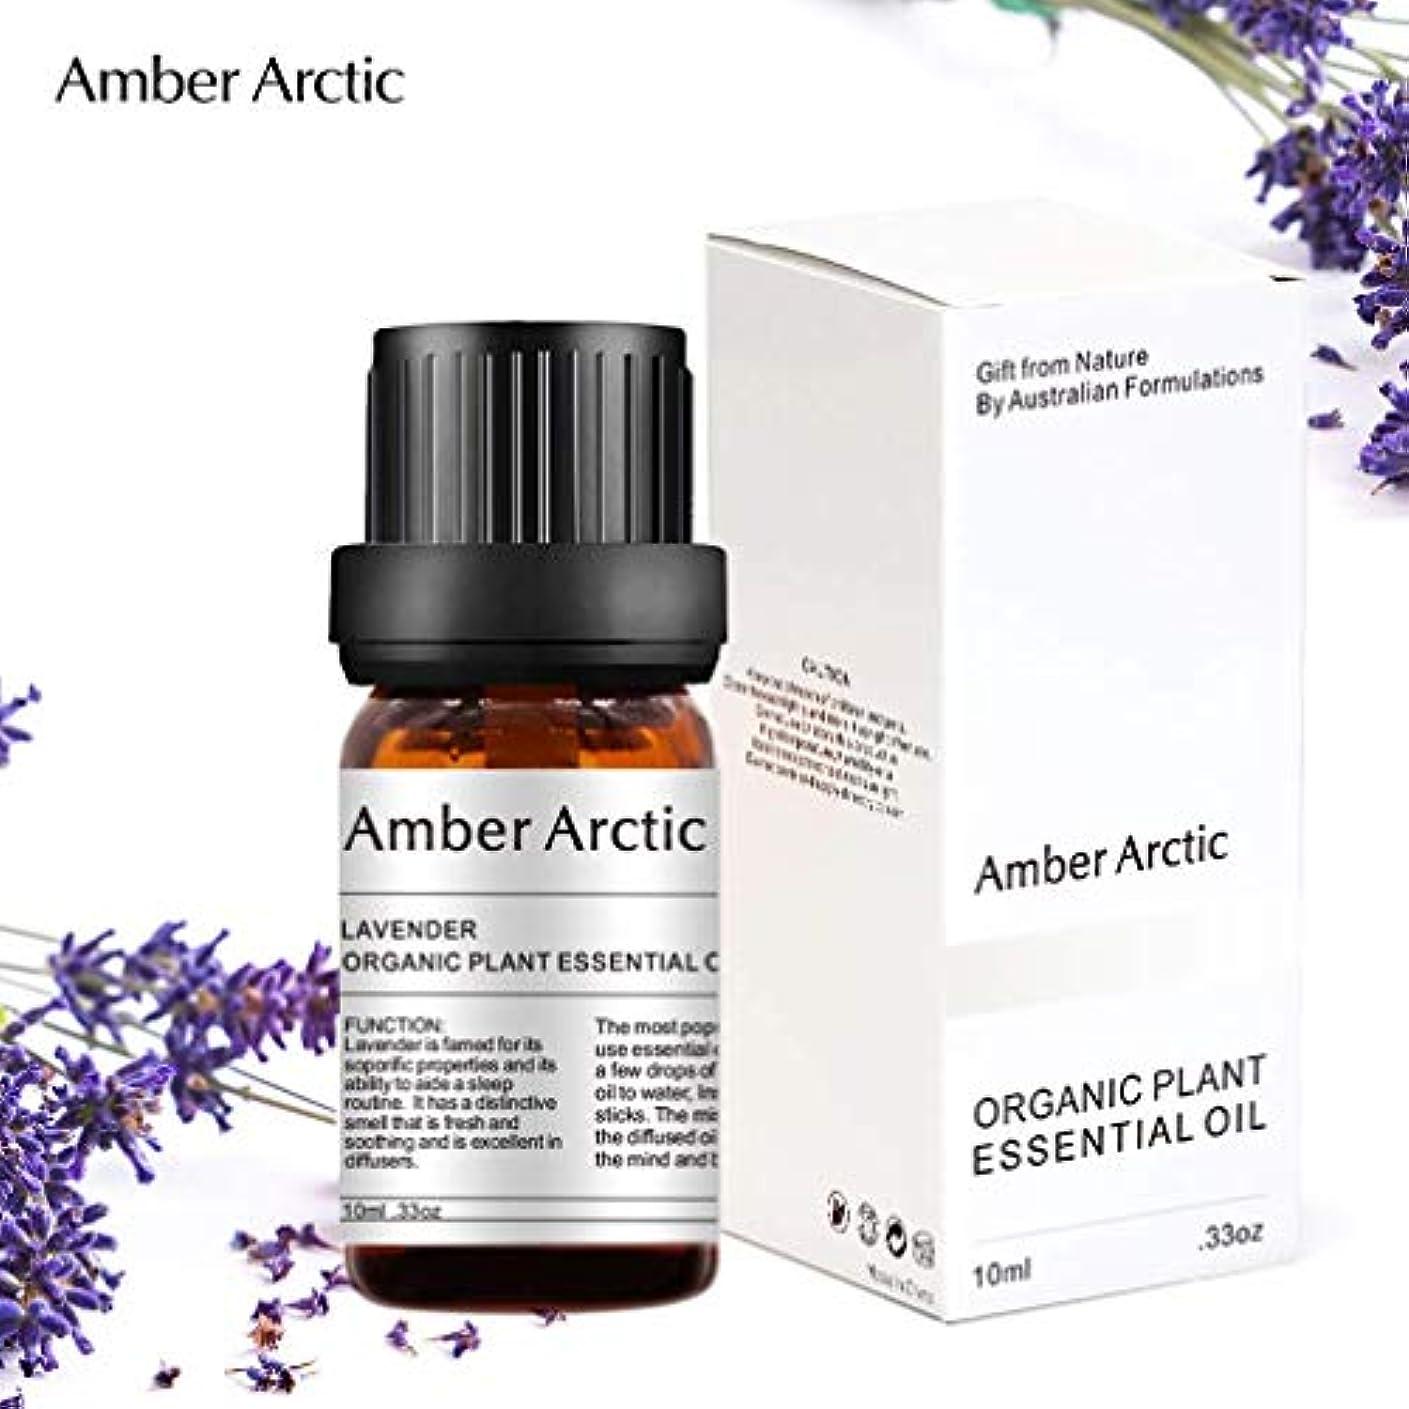 平手打ち欠伸悔い改めるAmber Arctic ラベンダー エッセンシャル オイル - 100% 純粋 最良 治療 グレード エッセンシャル オイル、 ディフューザー 用 天然 アロマ オイル (10ミリリットル)